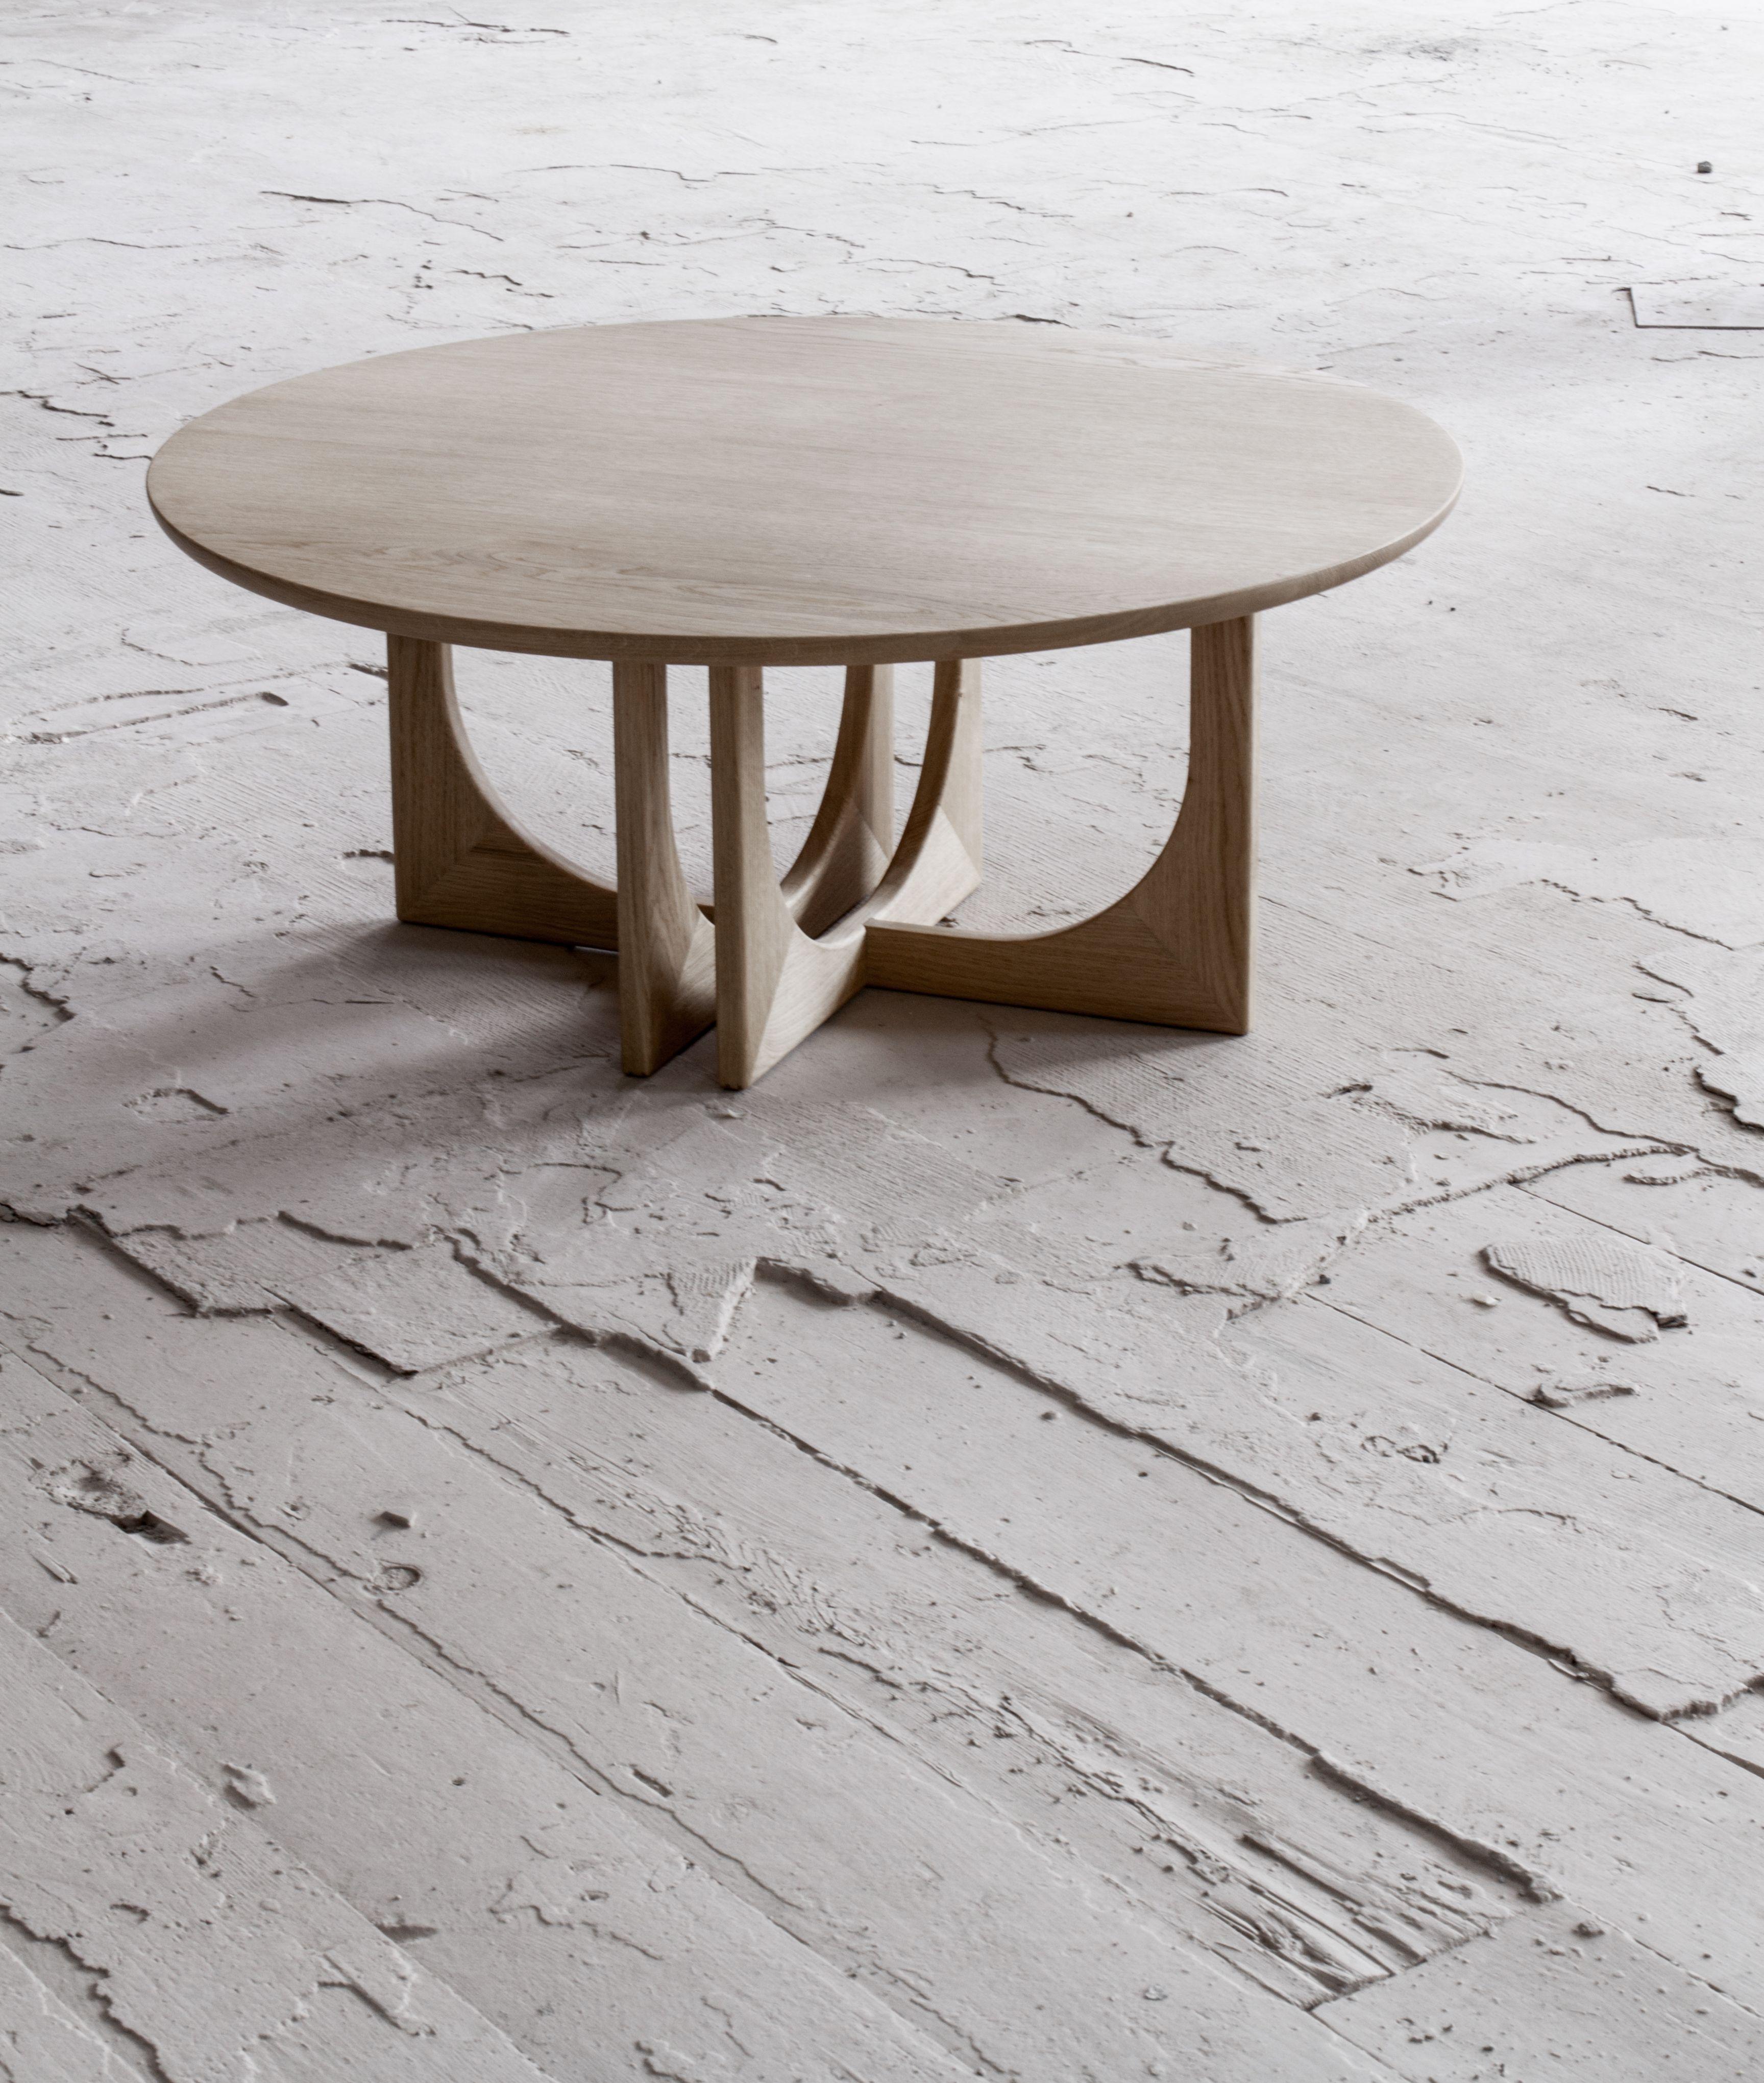 Ensemble Coffee Table Kaffebord Tabeller Mobler [ 4081 x 3456 Pixel ]